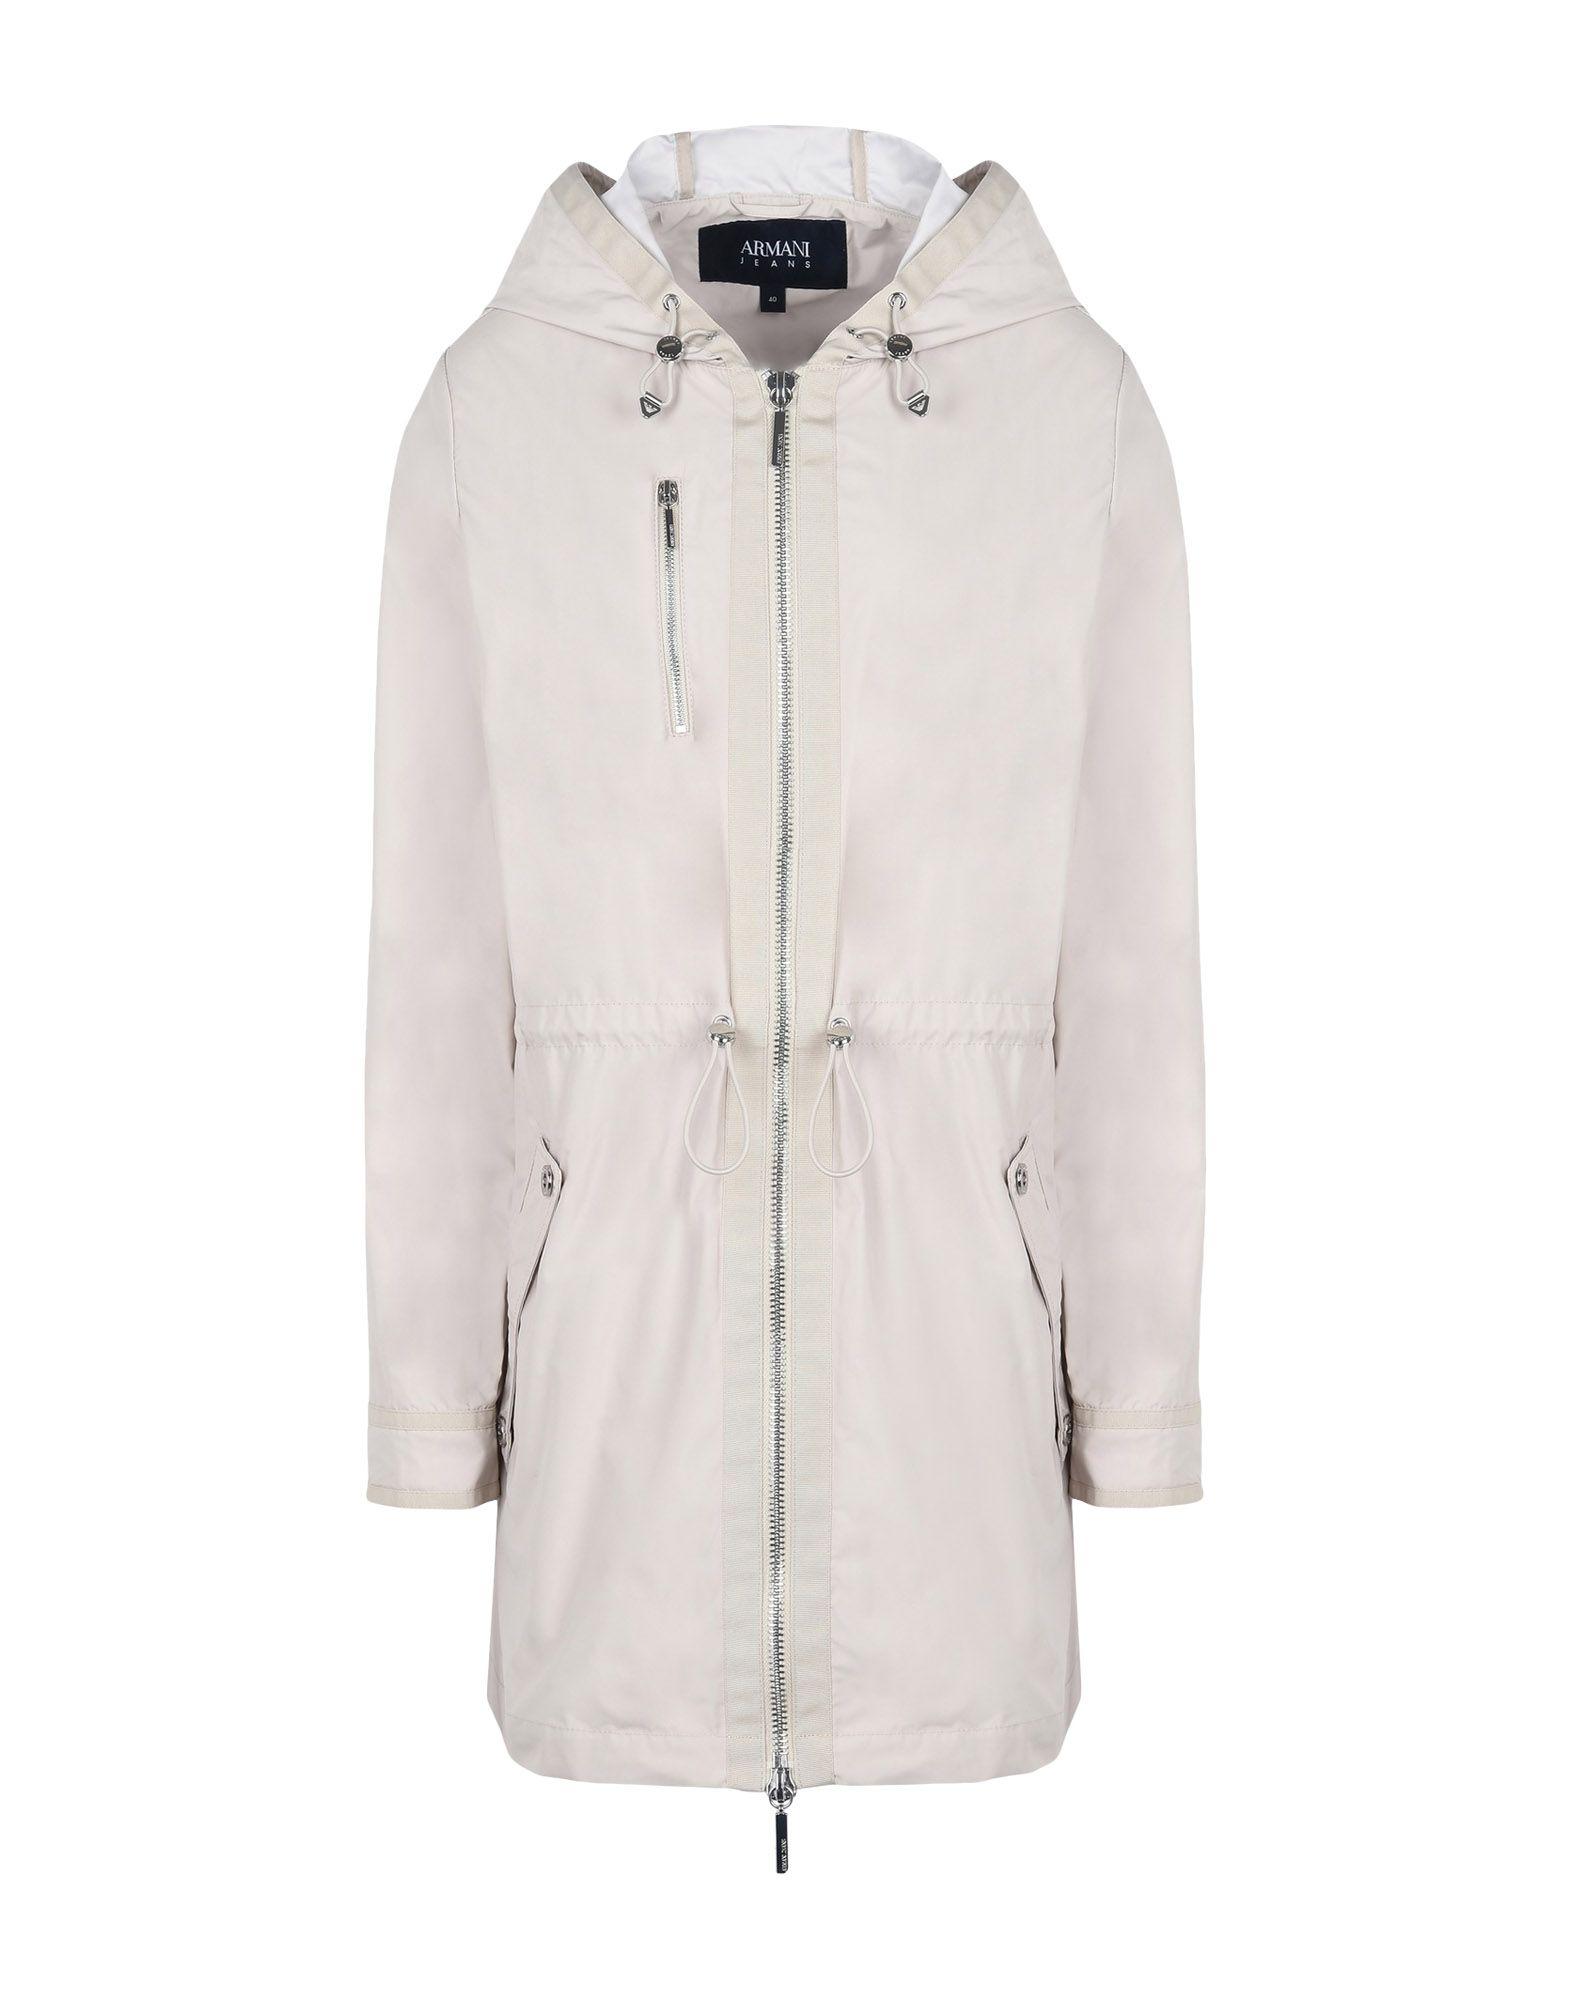 Giubbotto Armani Jeans Donna - Acquista online su 3K0ZSU